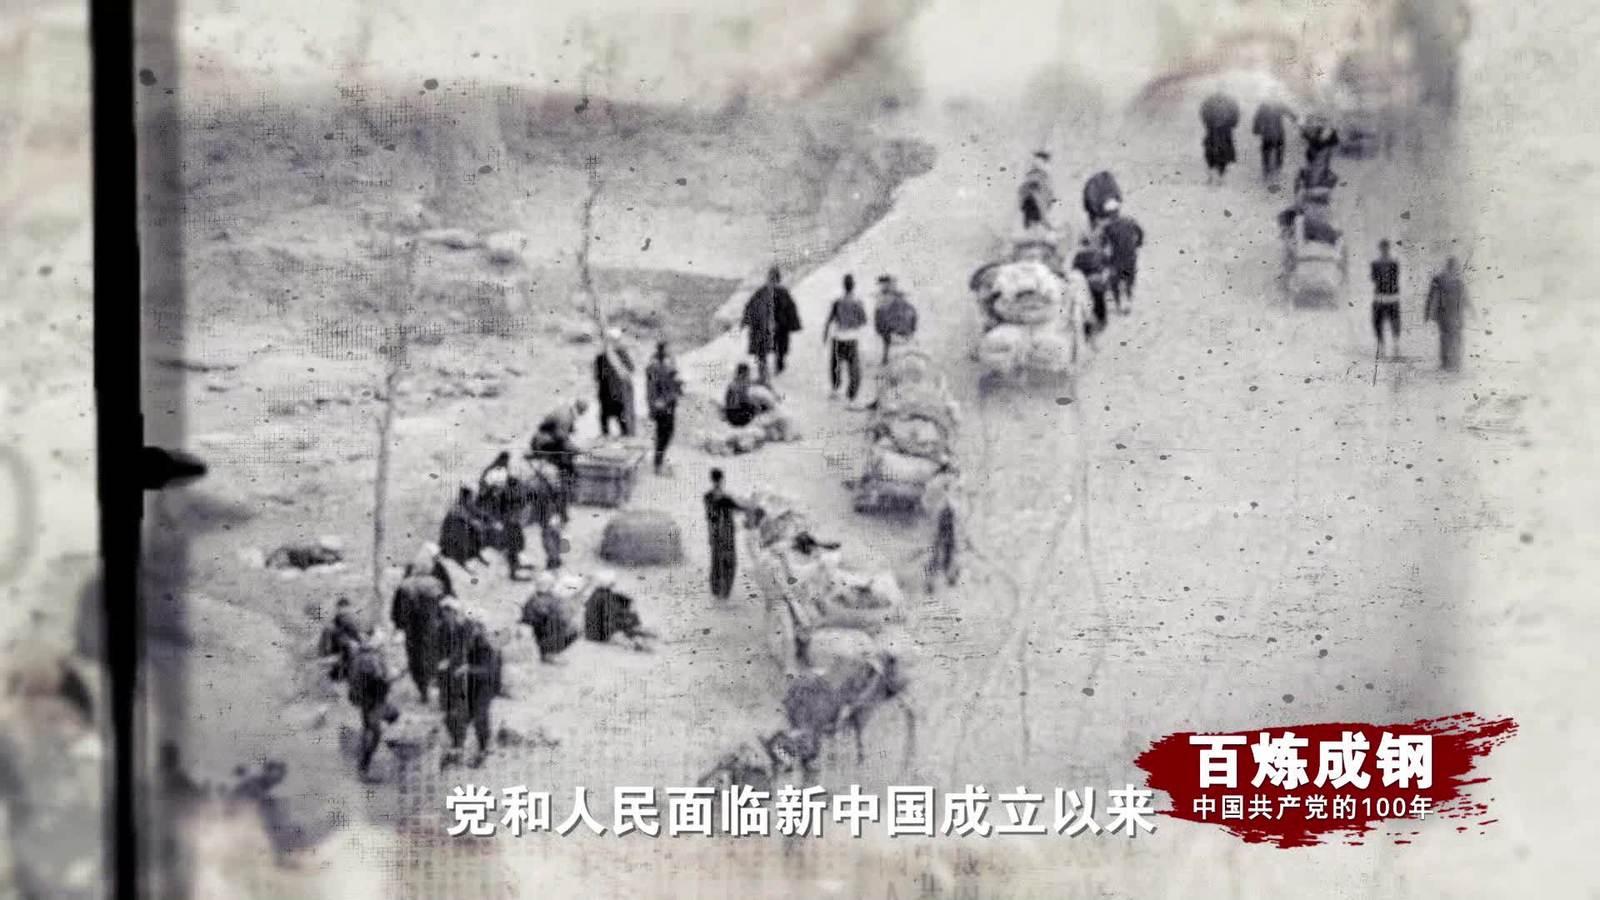 百炼成钢|中国共产党的100年 第三十四集:大兴调查研究之风